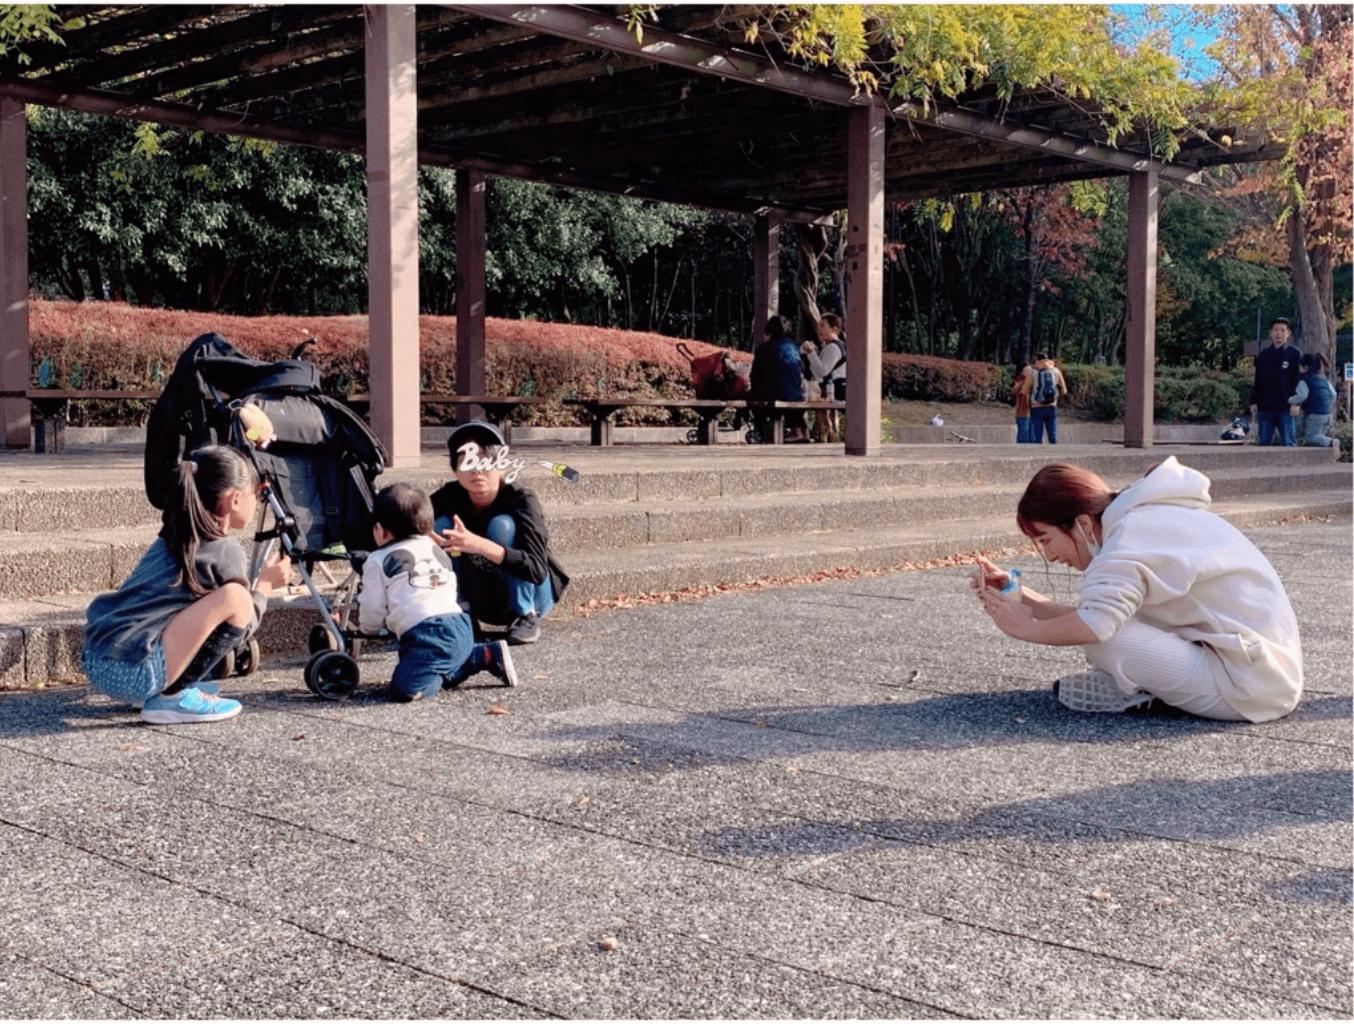 """辻希美、子供たちを撮影する姿を""""激写""""された写真公開「平和で癒された」サムネイル画像"""